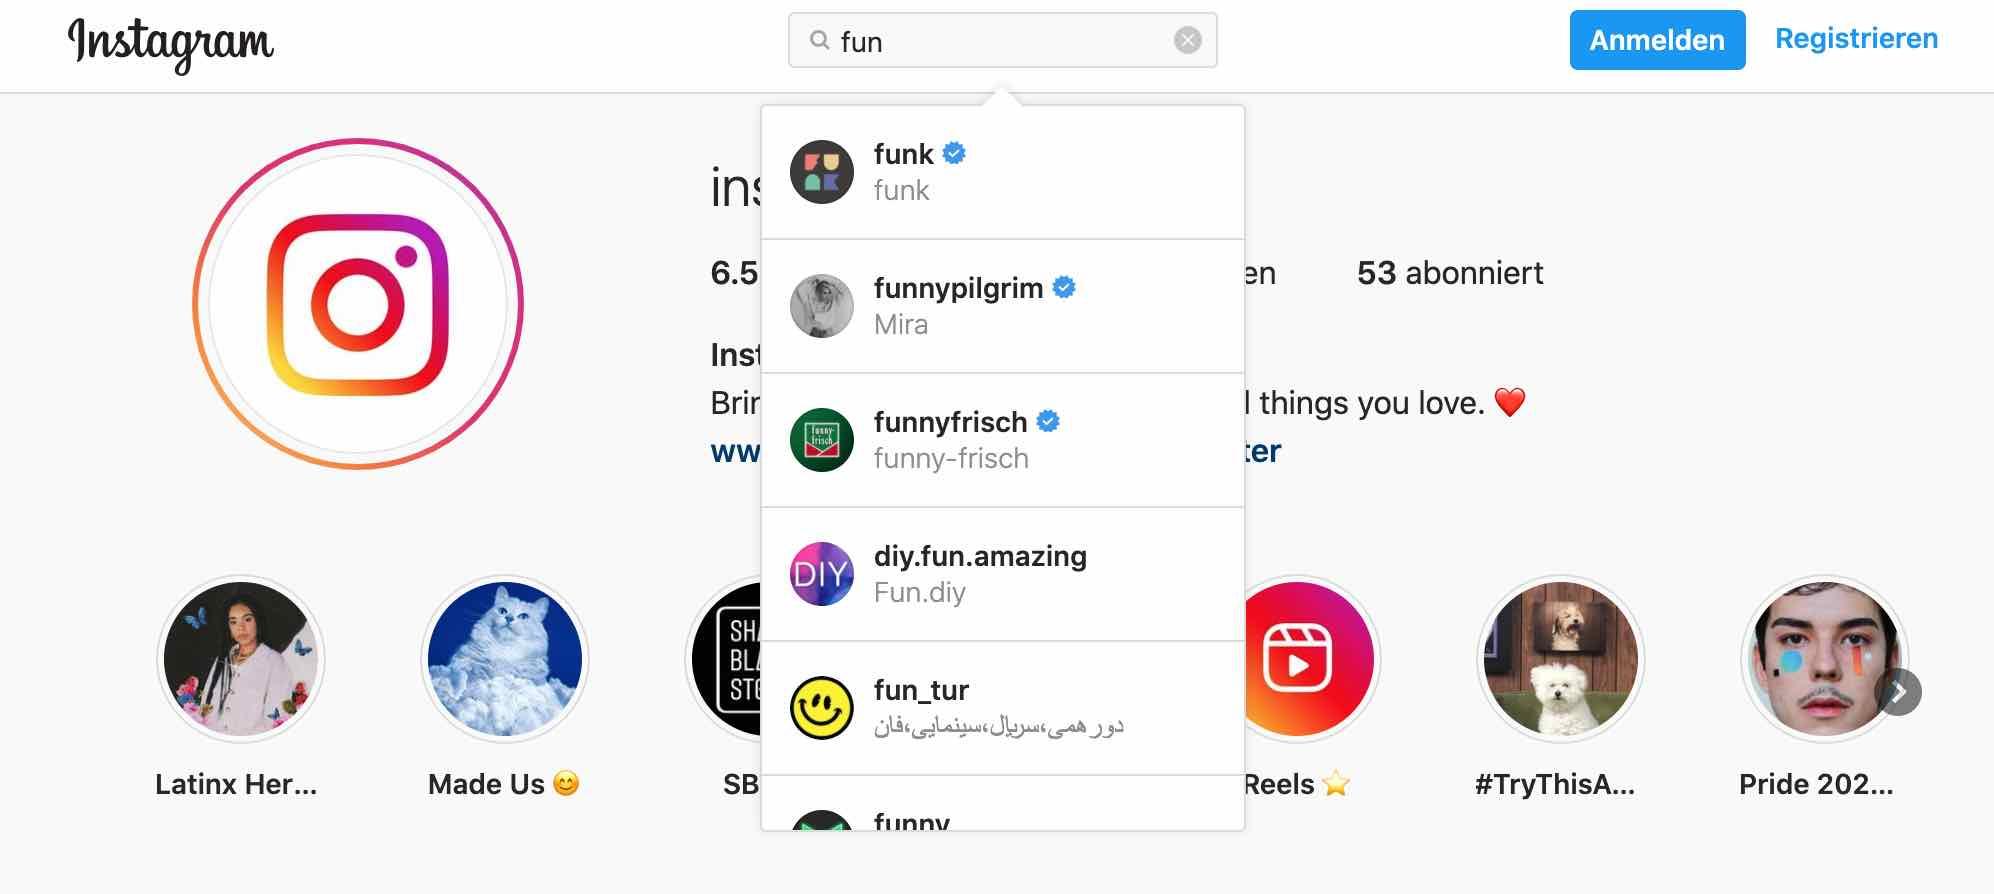 instagram suche ohne Anmeldung nutzen